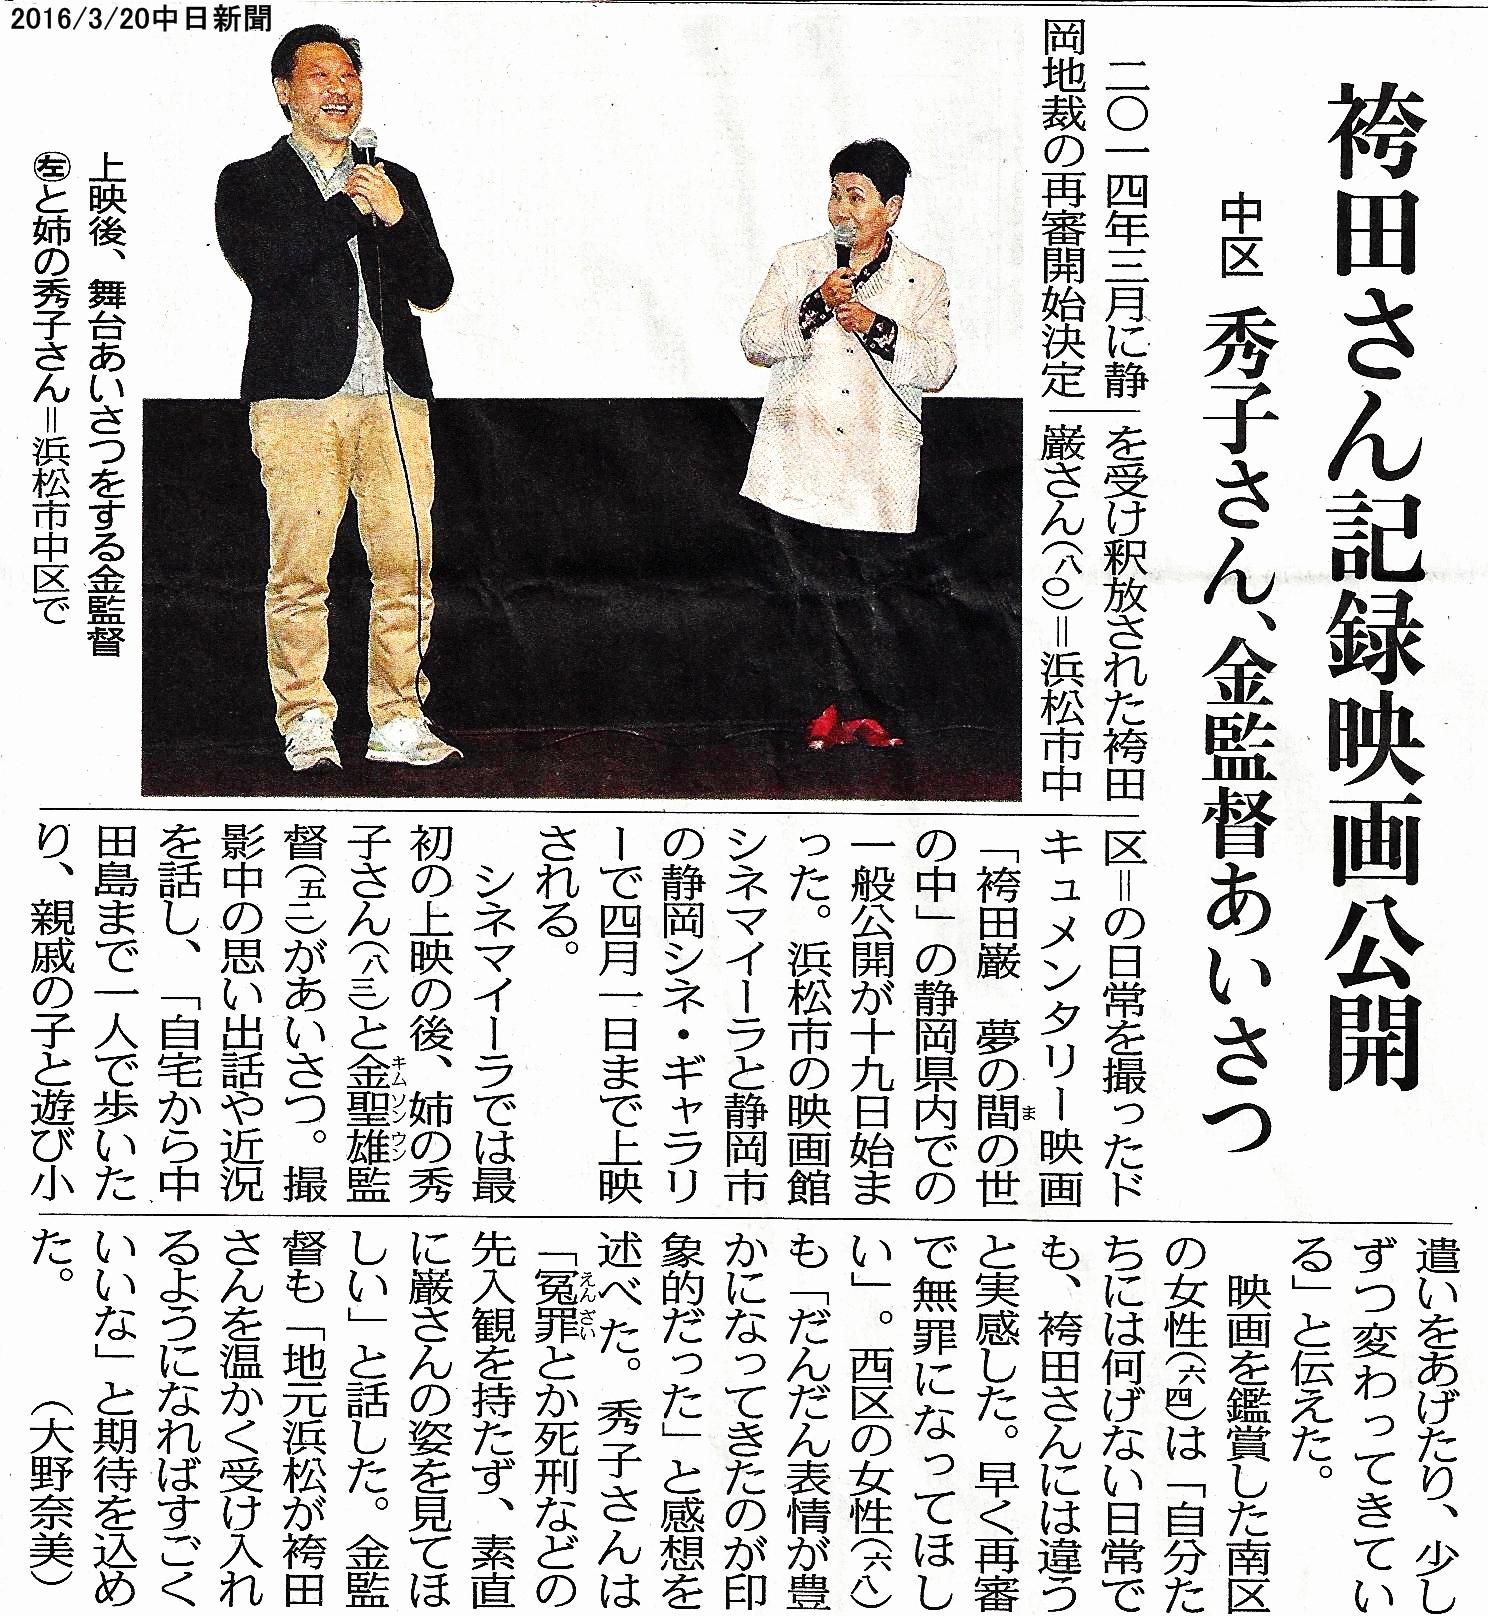 2016.3.20中日新聞